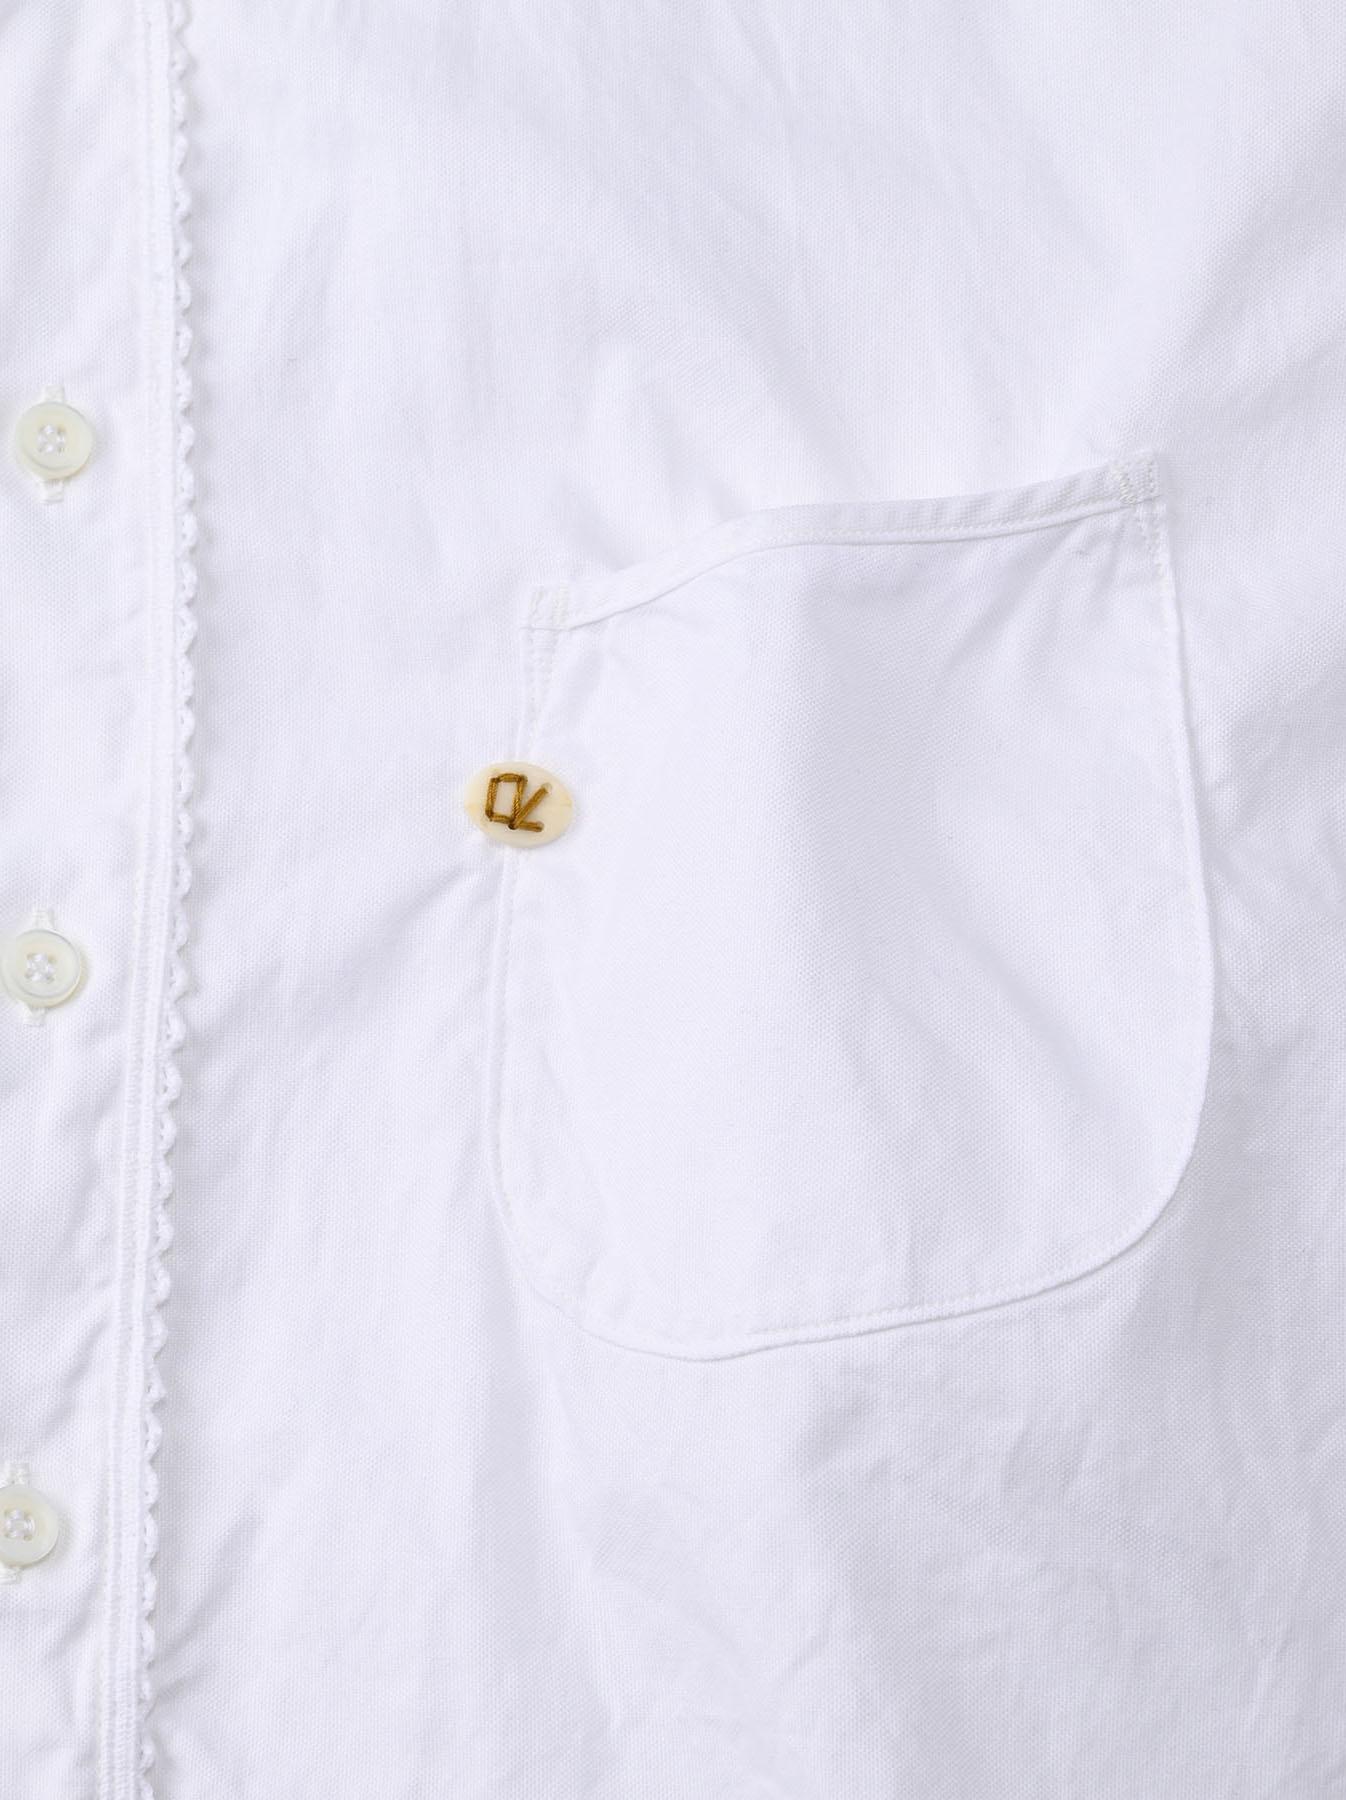 Thin Oxford 908 Ocean Lace Shirt (0621)-12